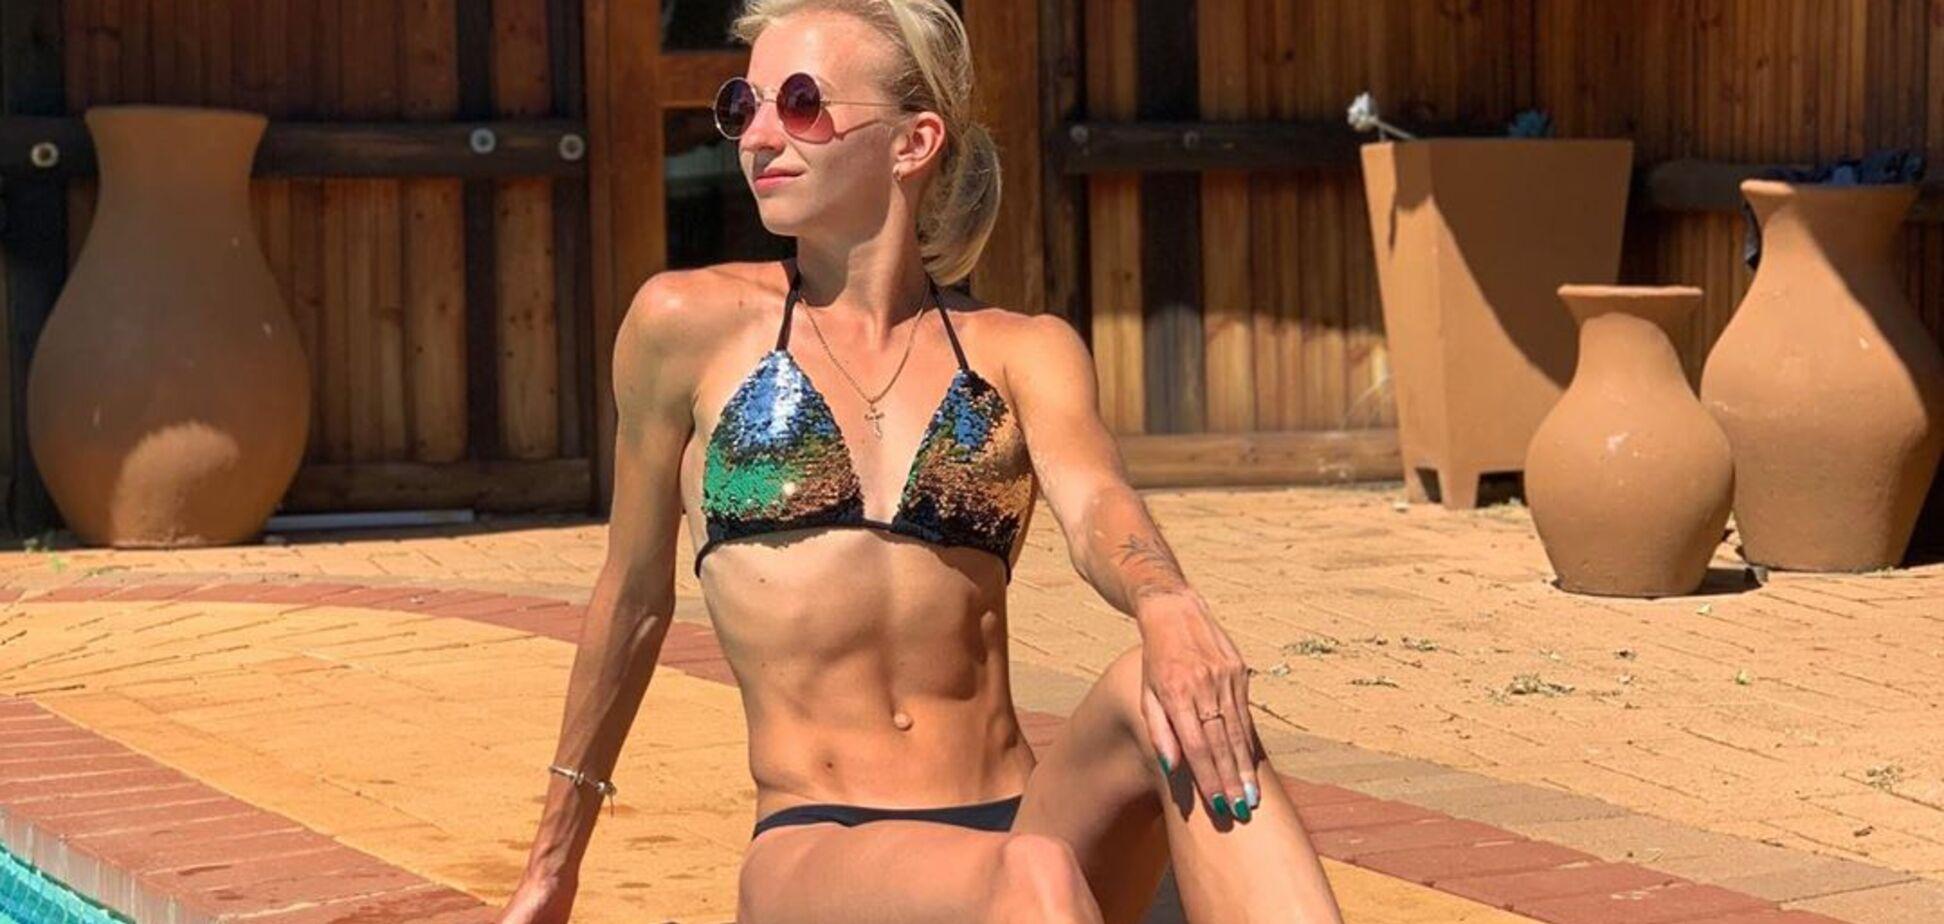 Украинская легкоатлетка, снимавшаяся обнаженной в Крыму, похвасталась идеальным телом в купальнике